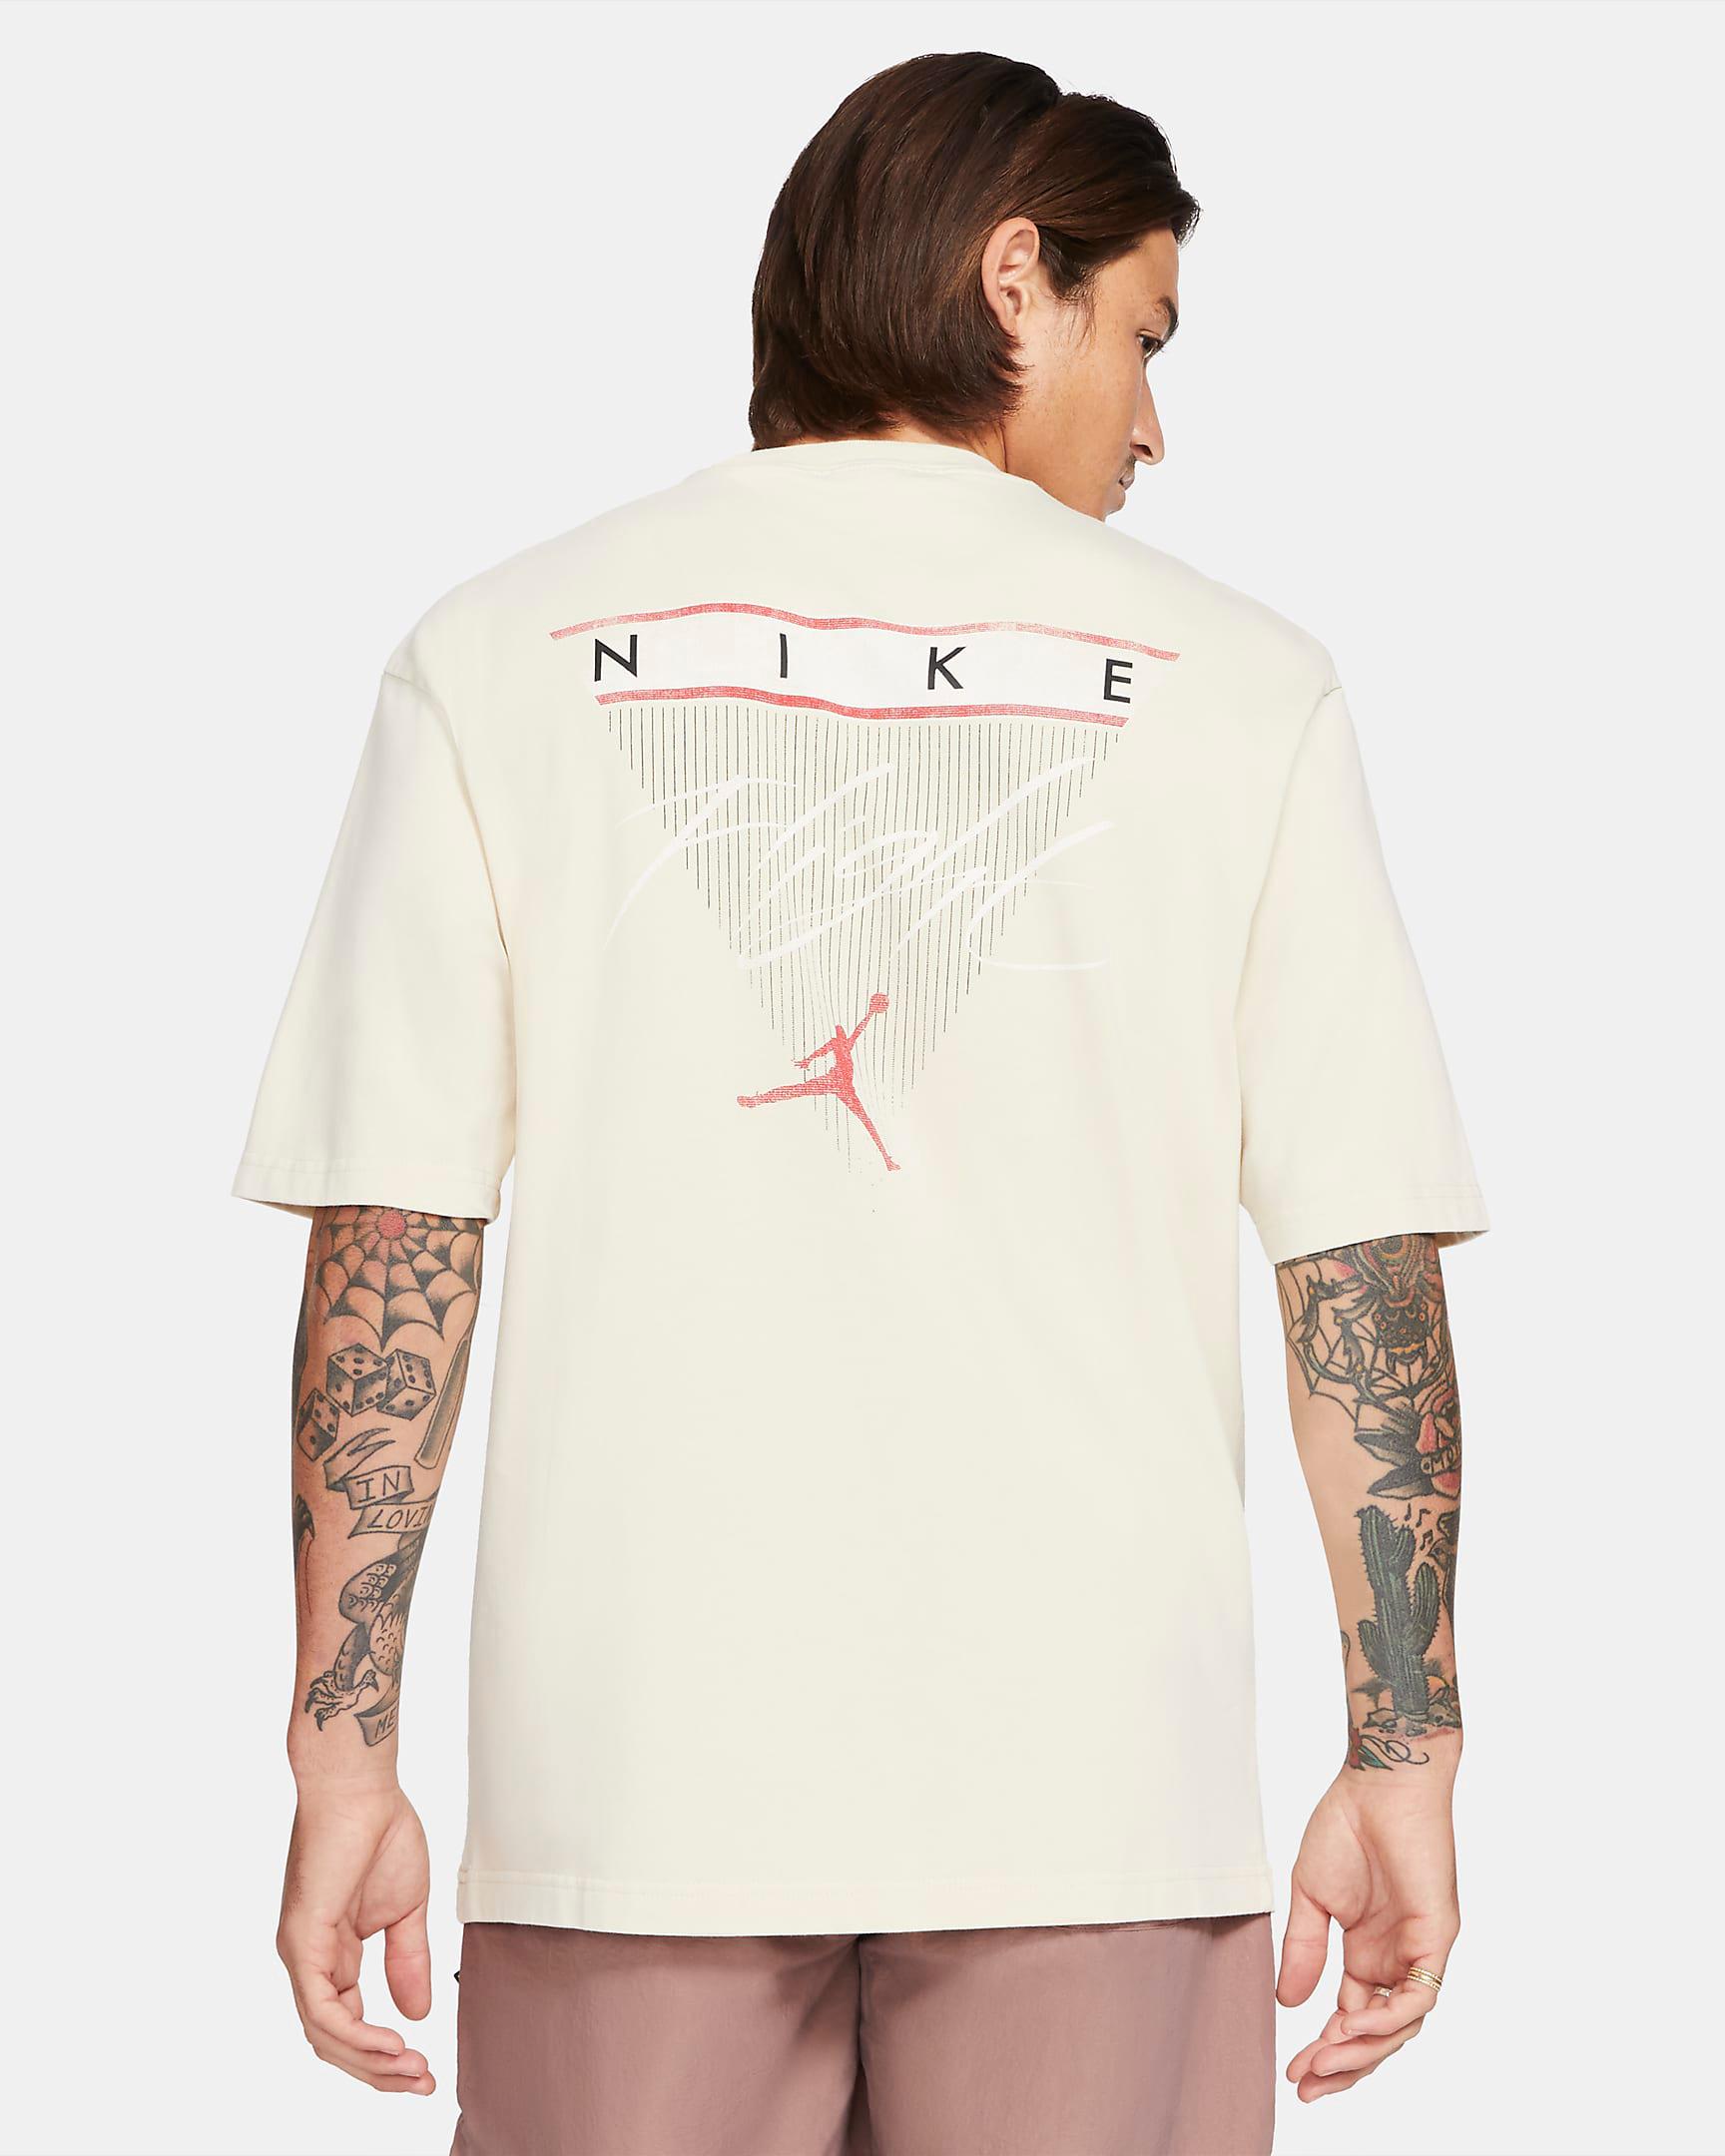 jordan-ma2-future-beginnings-shirt-2